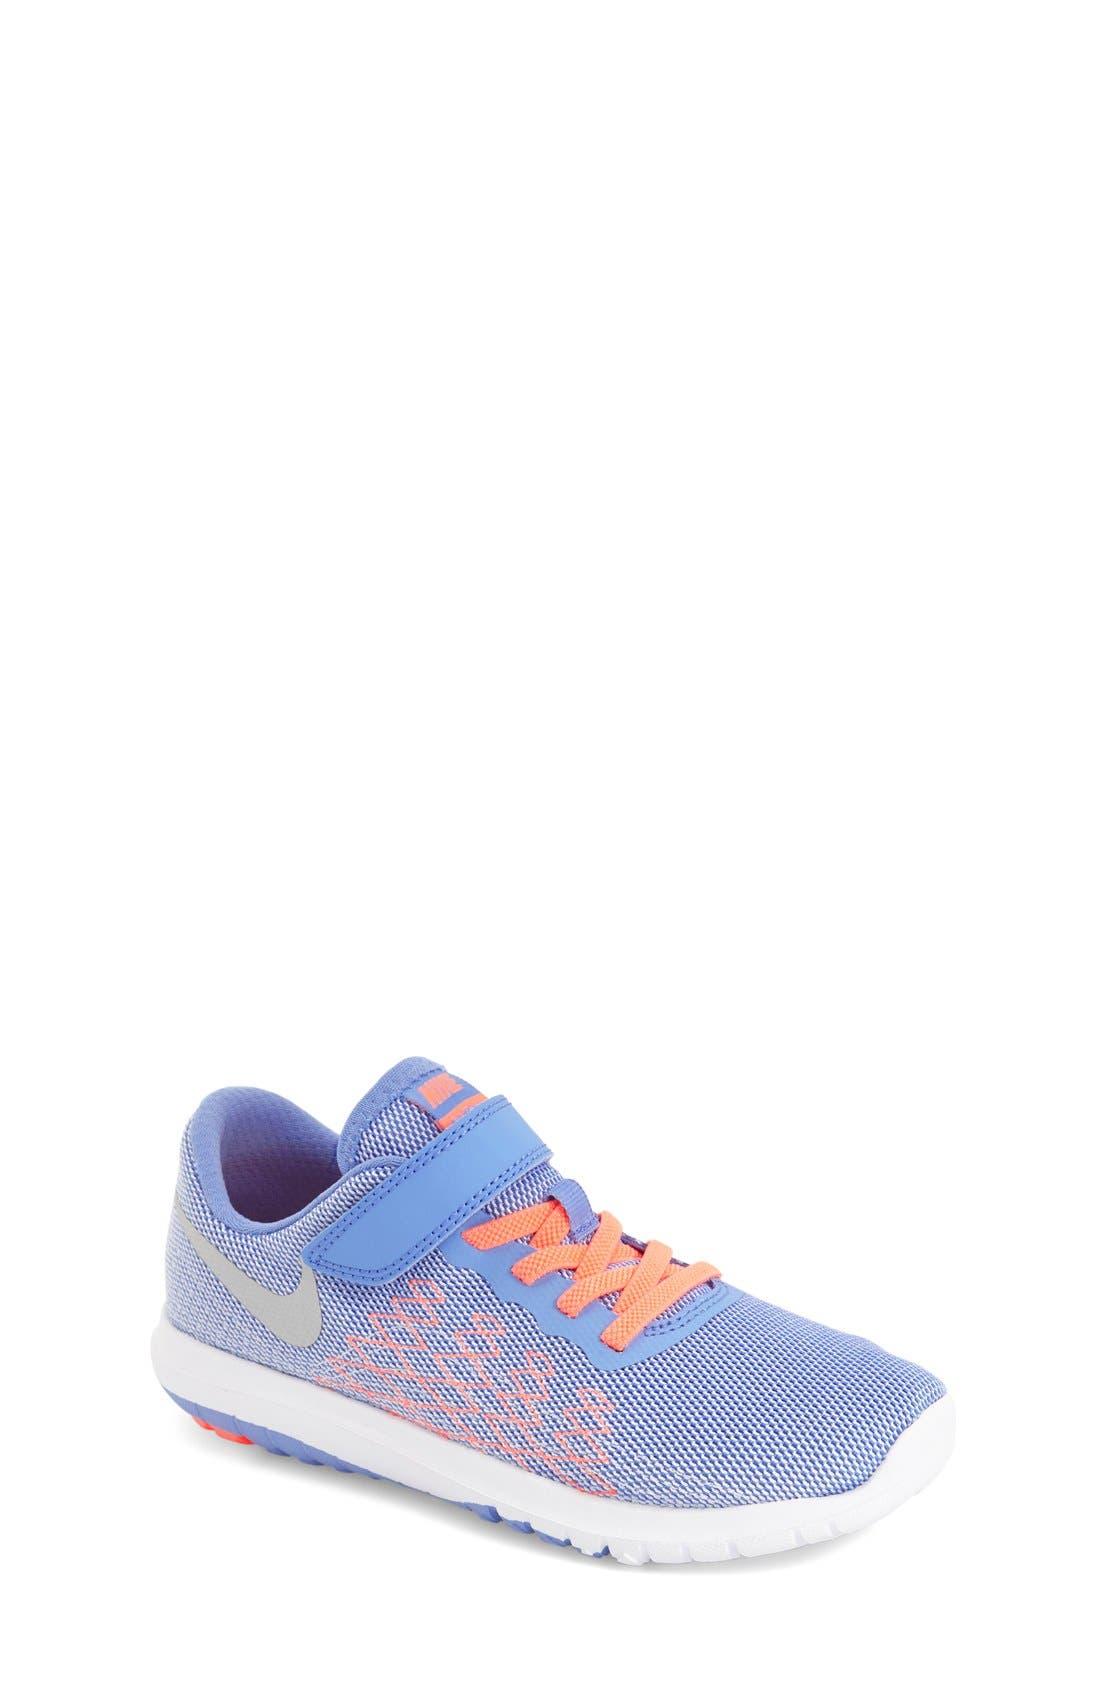 'Flex Fury 2' Athletic Shoe,                         Main,                         color, Chalk Blue/ White